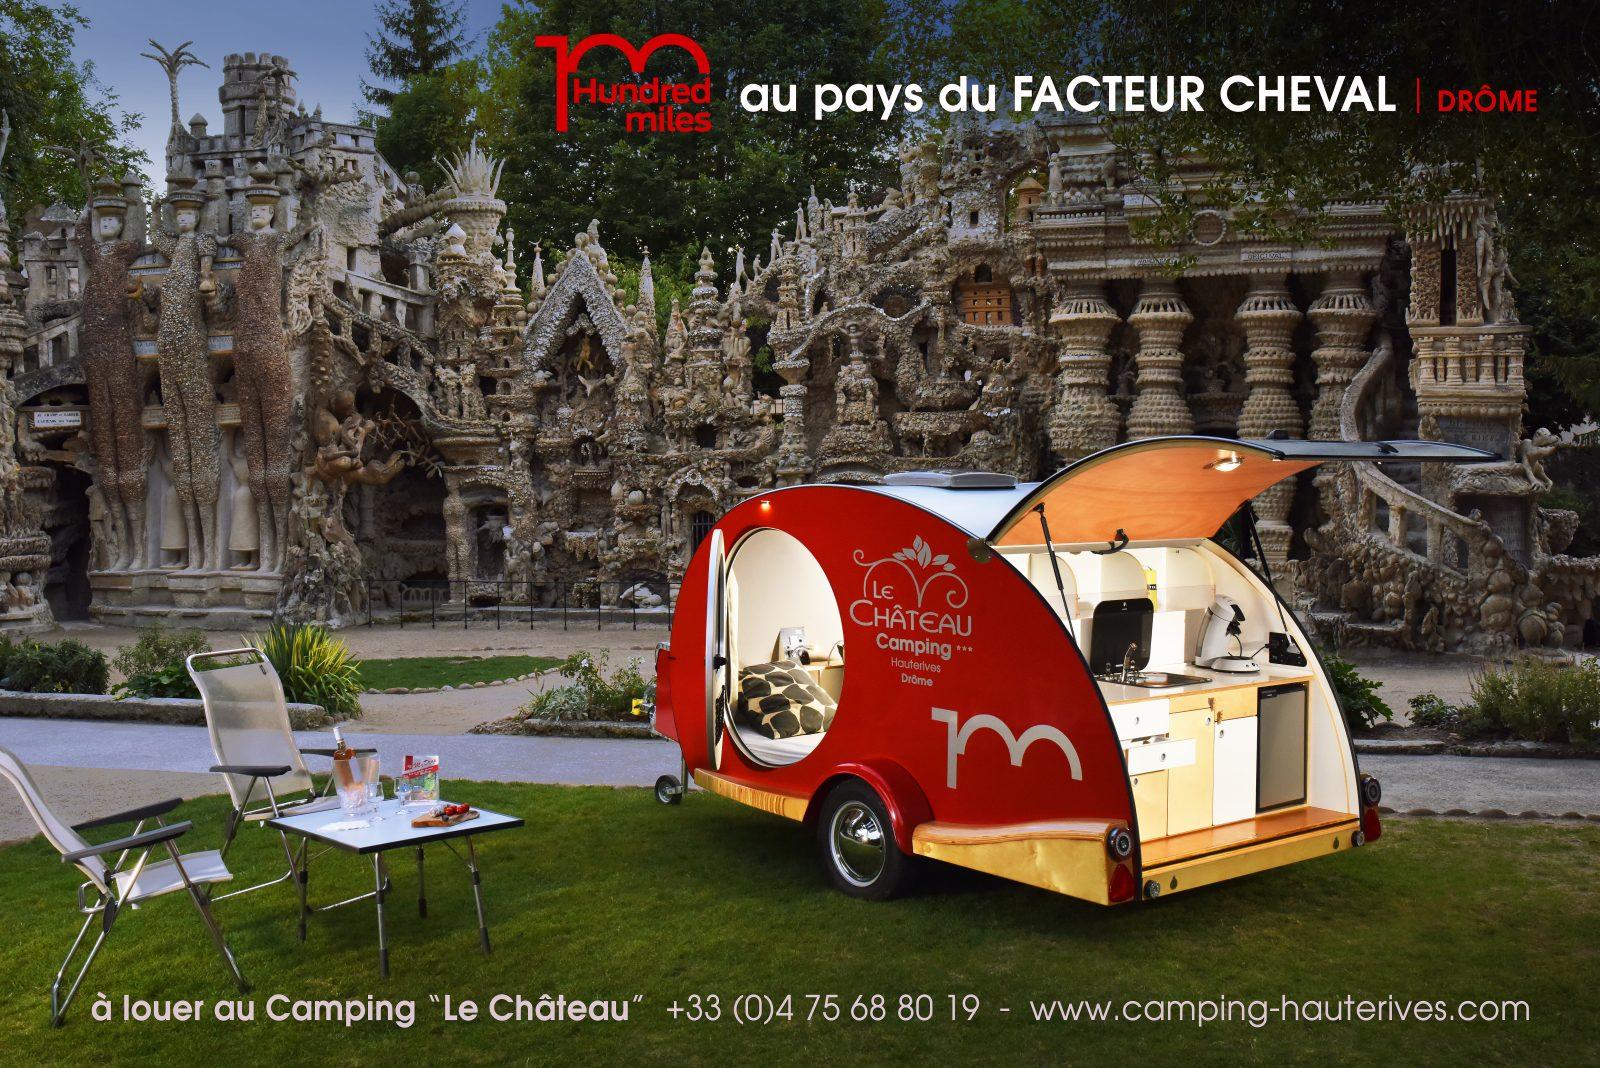 My Drop Hundred Miles au Palais Ideal du Facteur Cheval